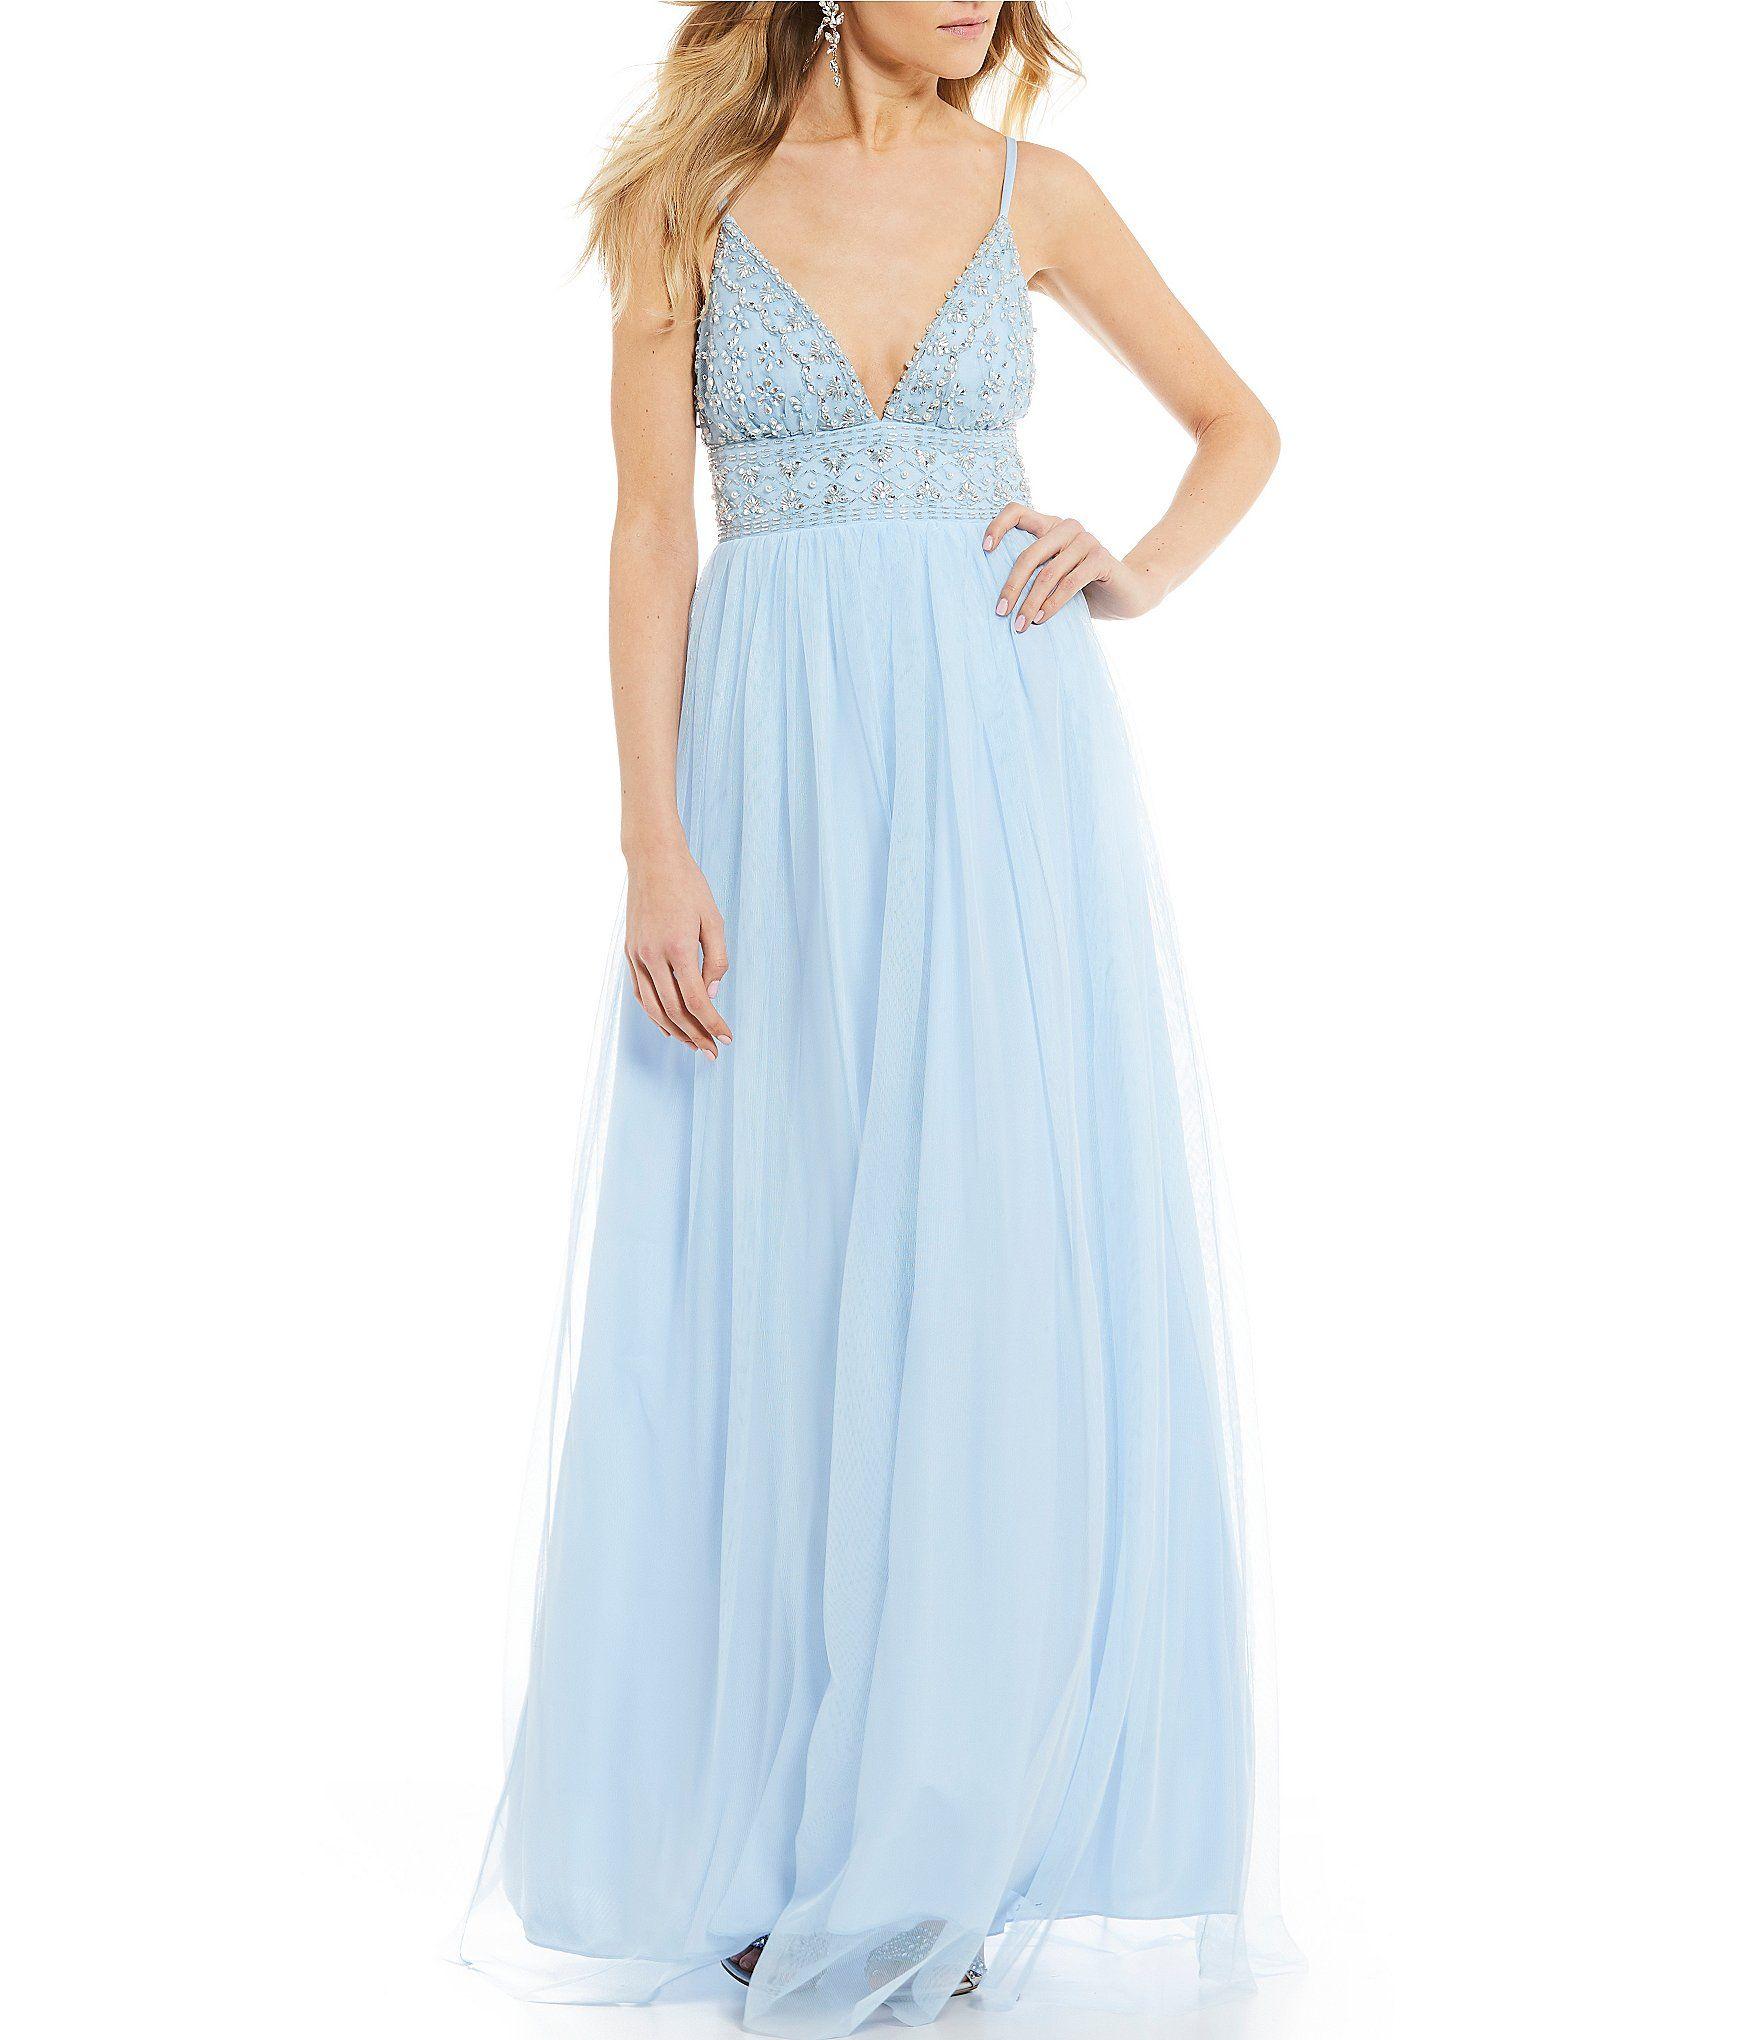 f009aaa11a0 Xtraordinary Spaghetti Strap Beaded Bodice Ball Gown  Dillards. Xtraordinary  Spaghetti Strap Beaded Bodice Ball Gown  Dillards Prom ...